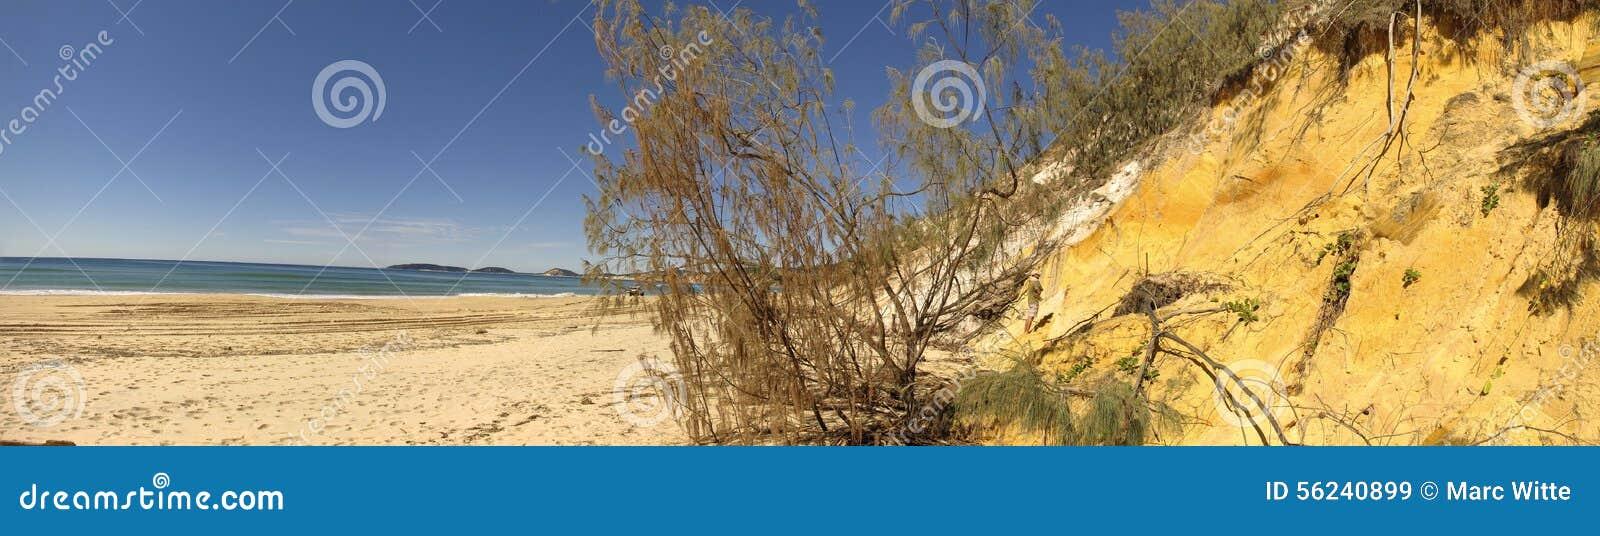 Regenbogen-Strand, Queensland, Australien